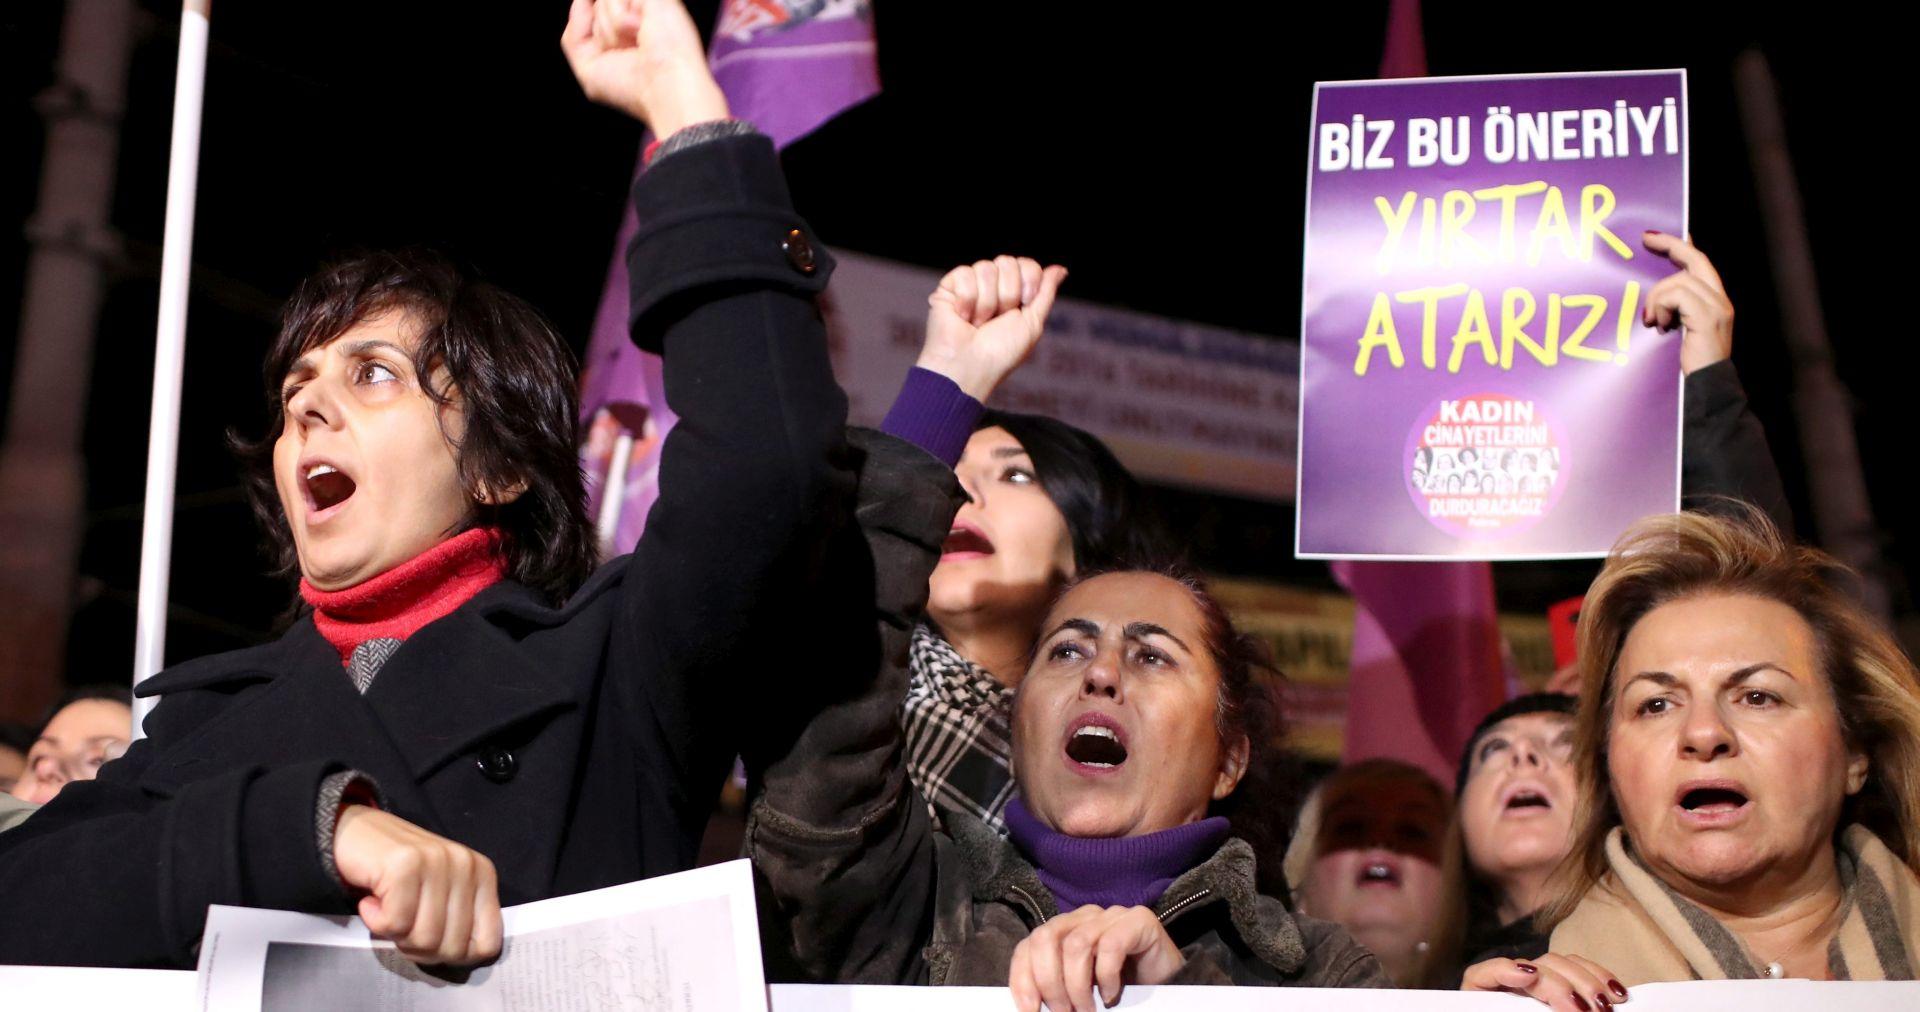 Turska zabranila prosvjed majki jer u njemu vidi potporu terorizmu